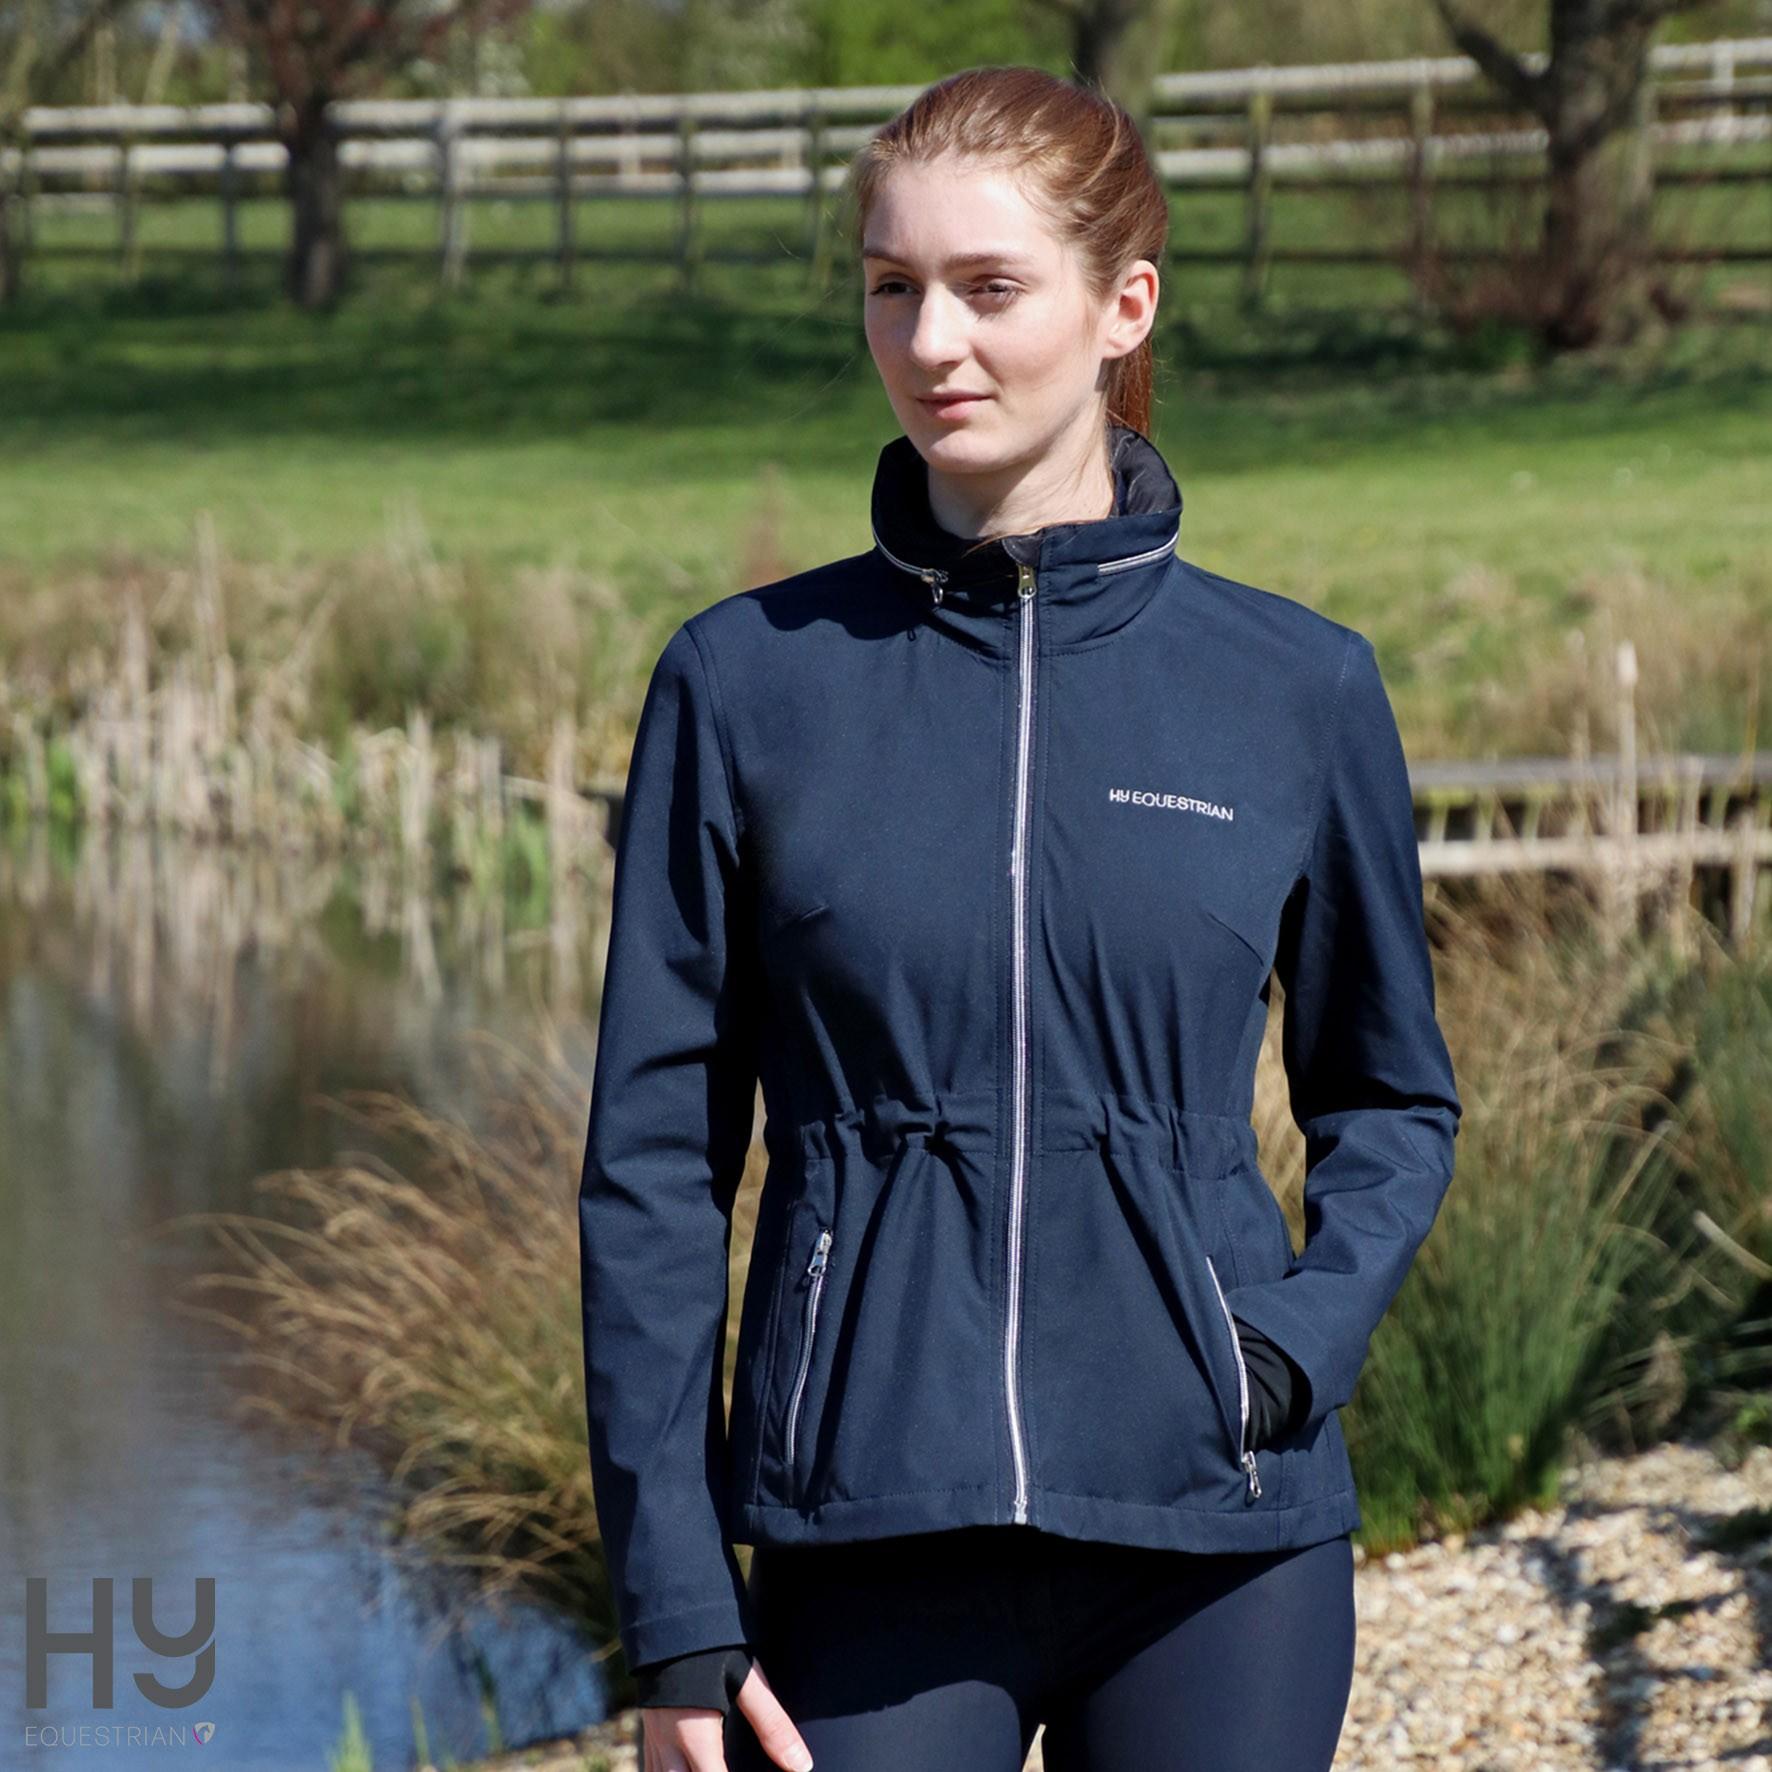 Hy Equestrian Synergy Rain Jacket